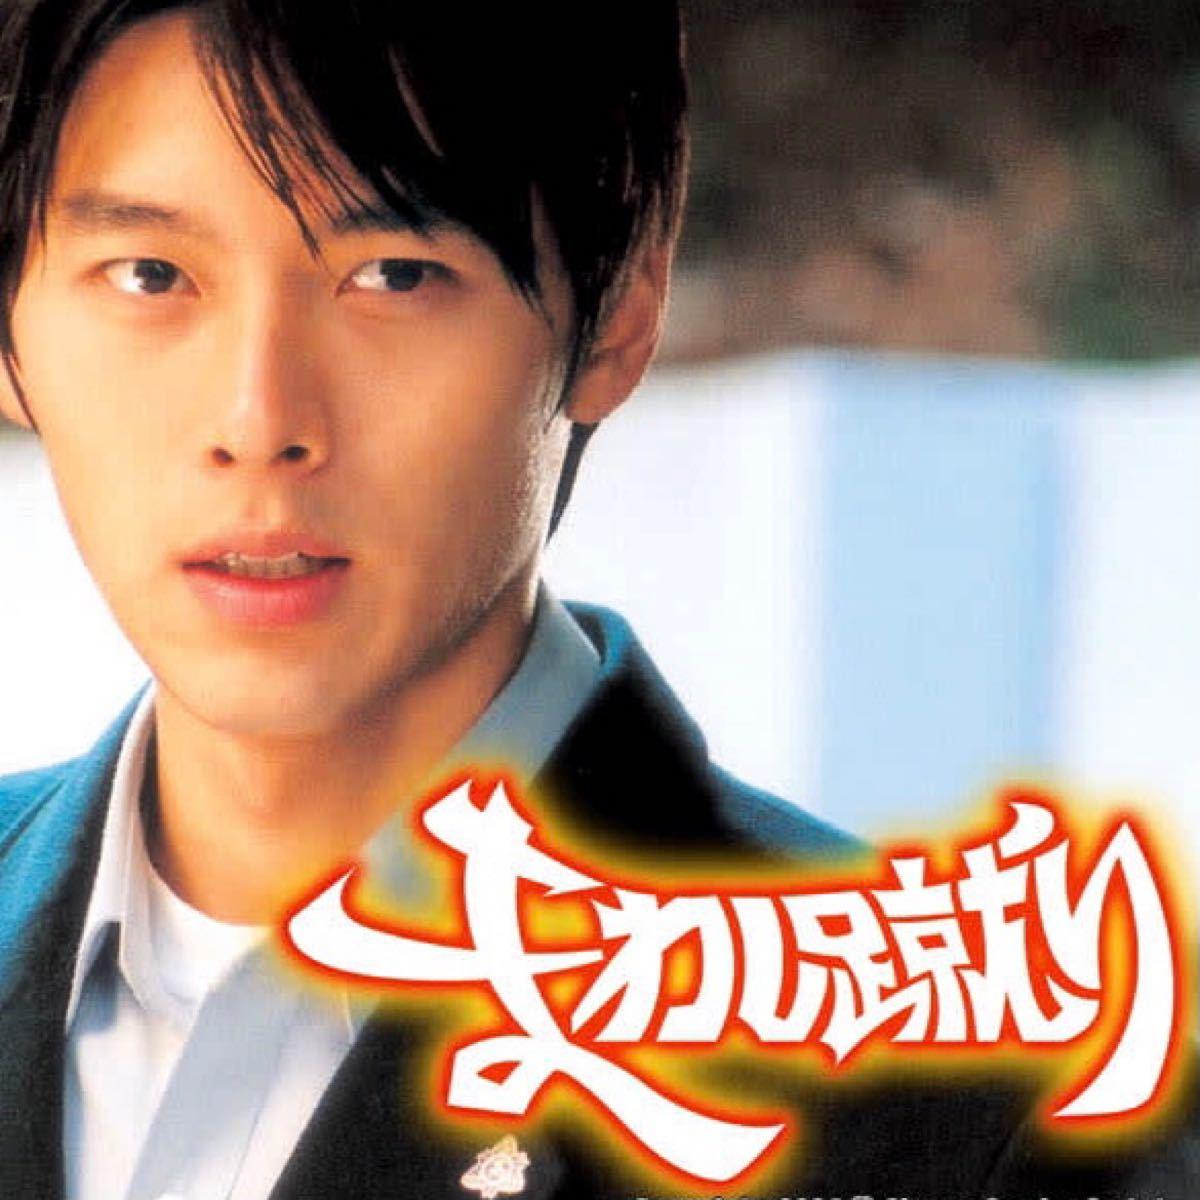 韓国映画  ヒョンビン  出演映画  DVD  11タイトル  レーベル有り  入替え可能です